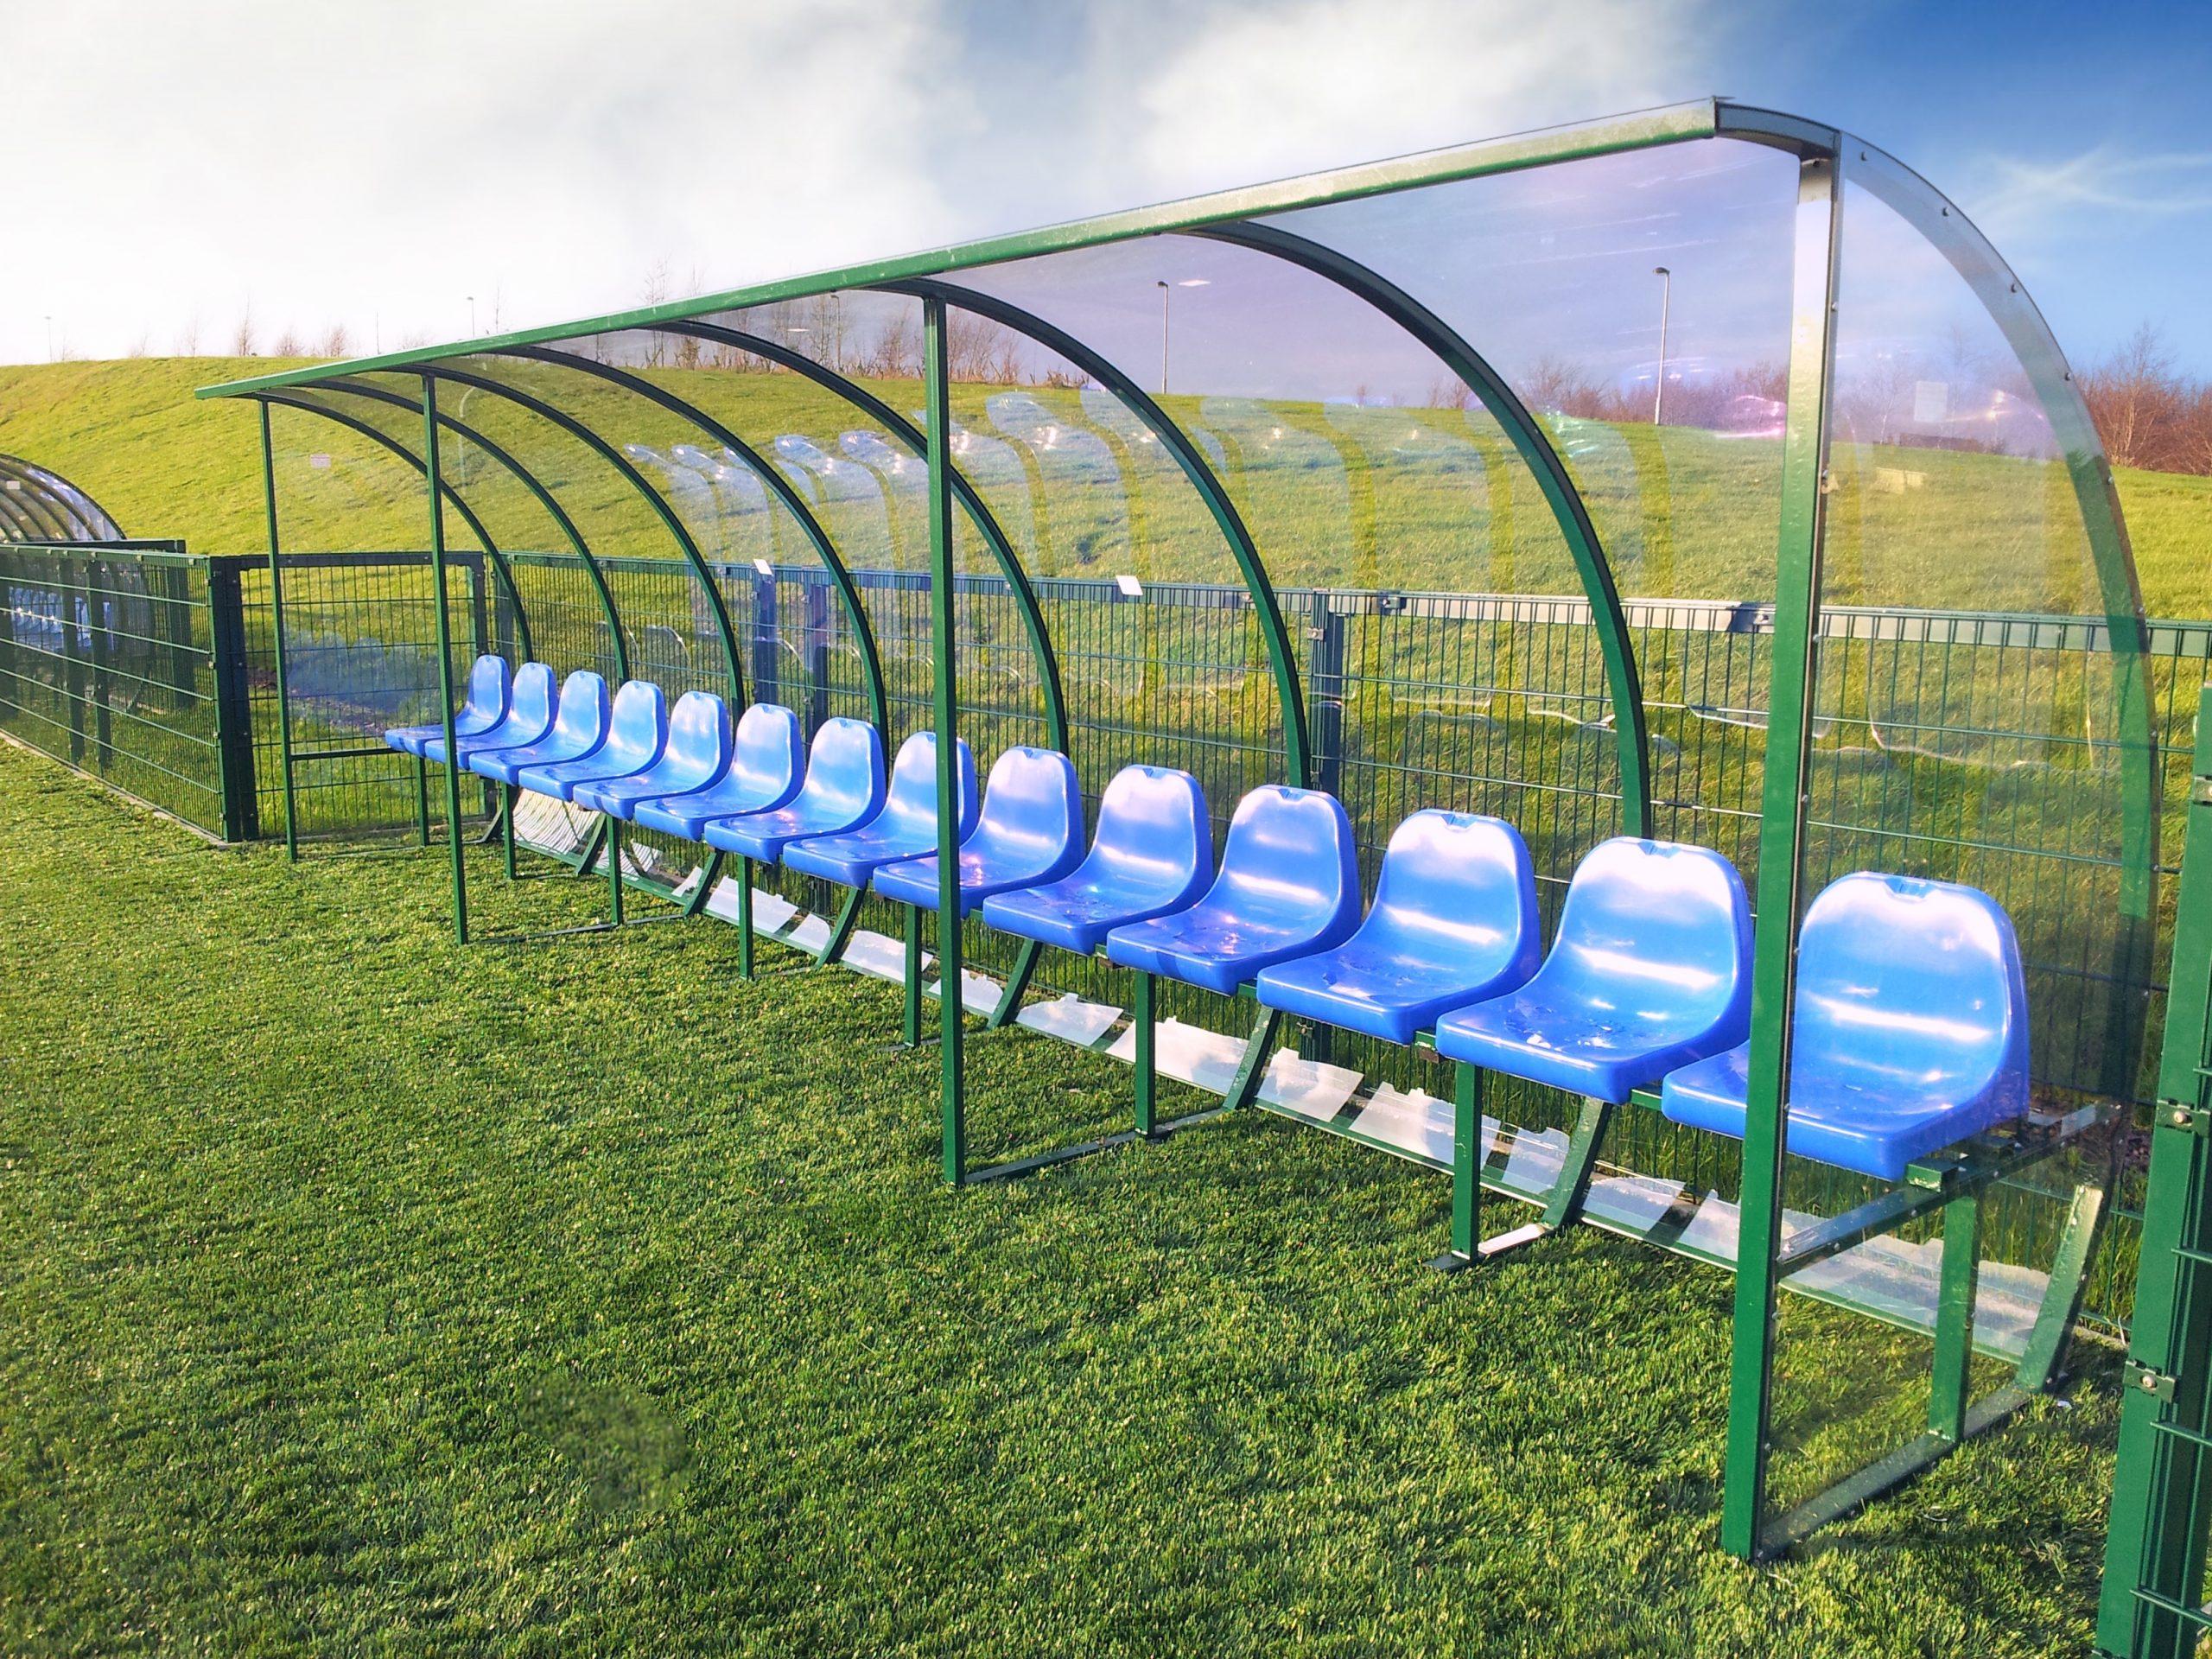 16 Seat Teamshelter